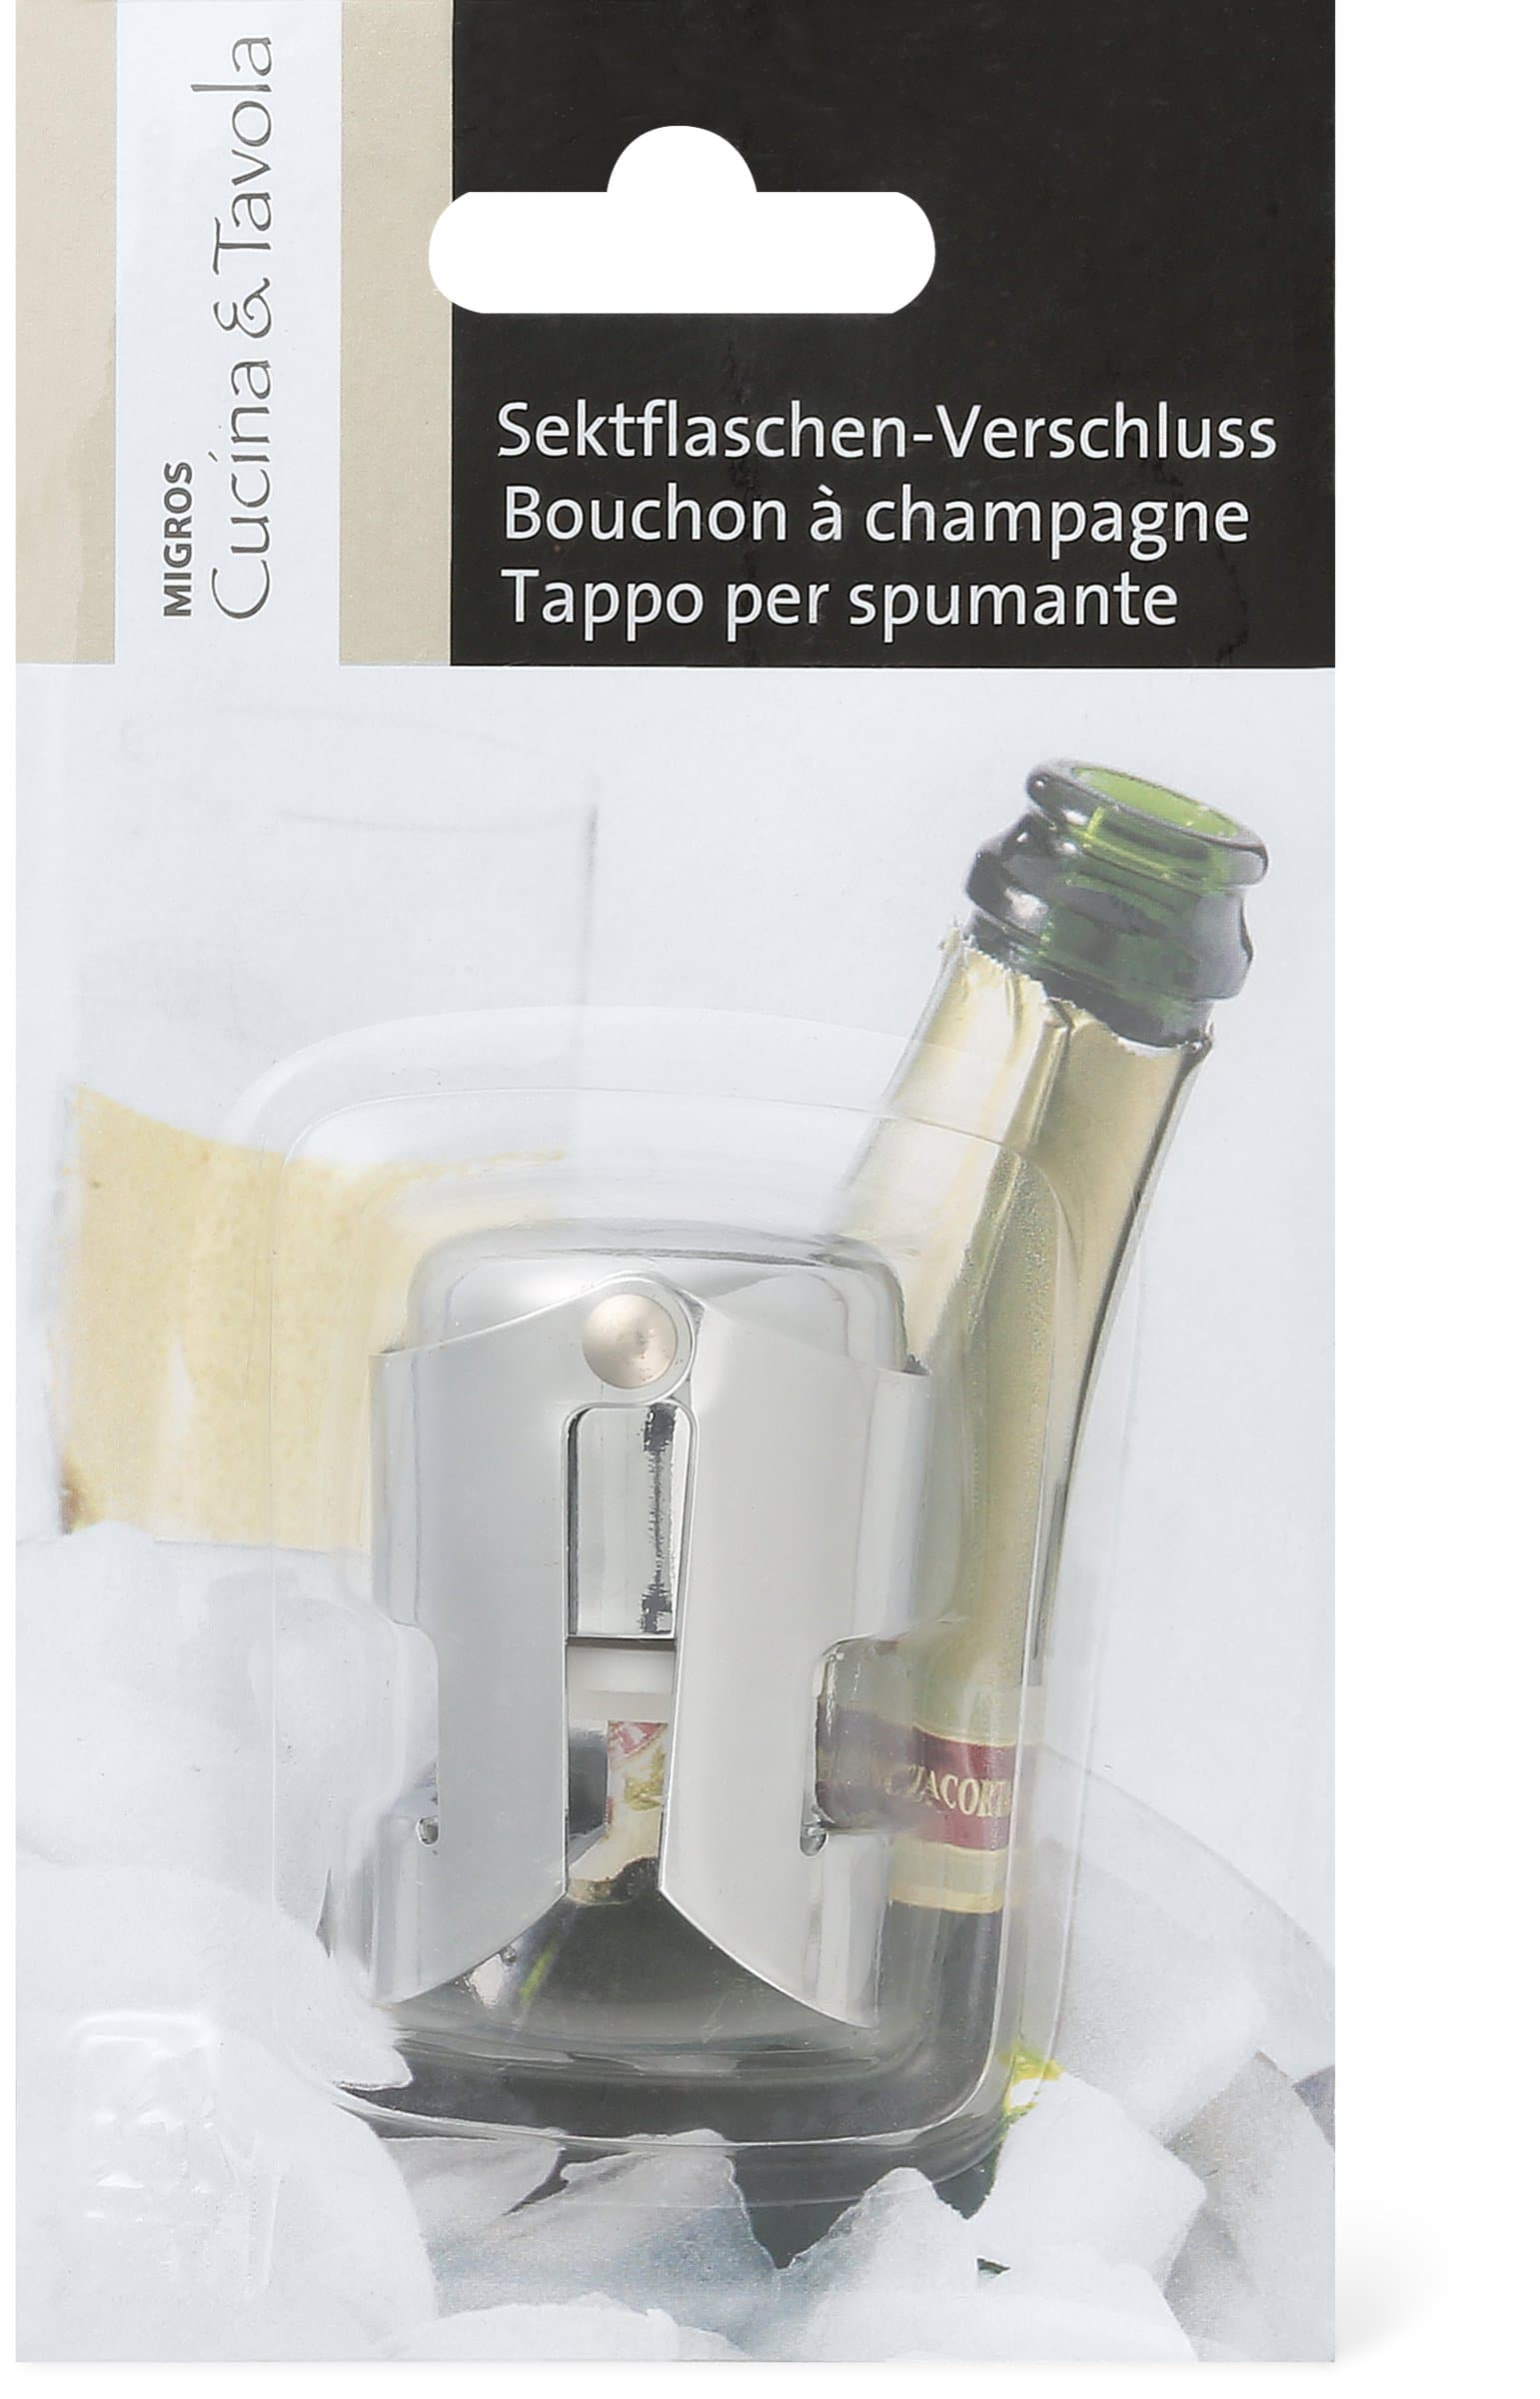 Cucina & Tavola Sektflaschen-Verschluss